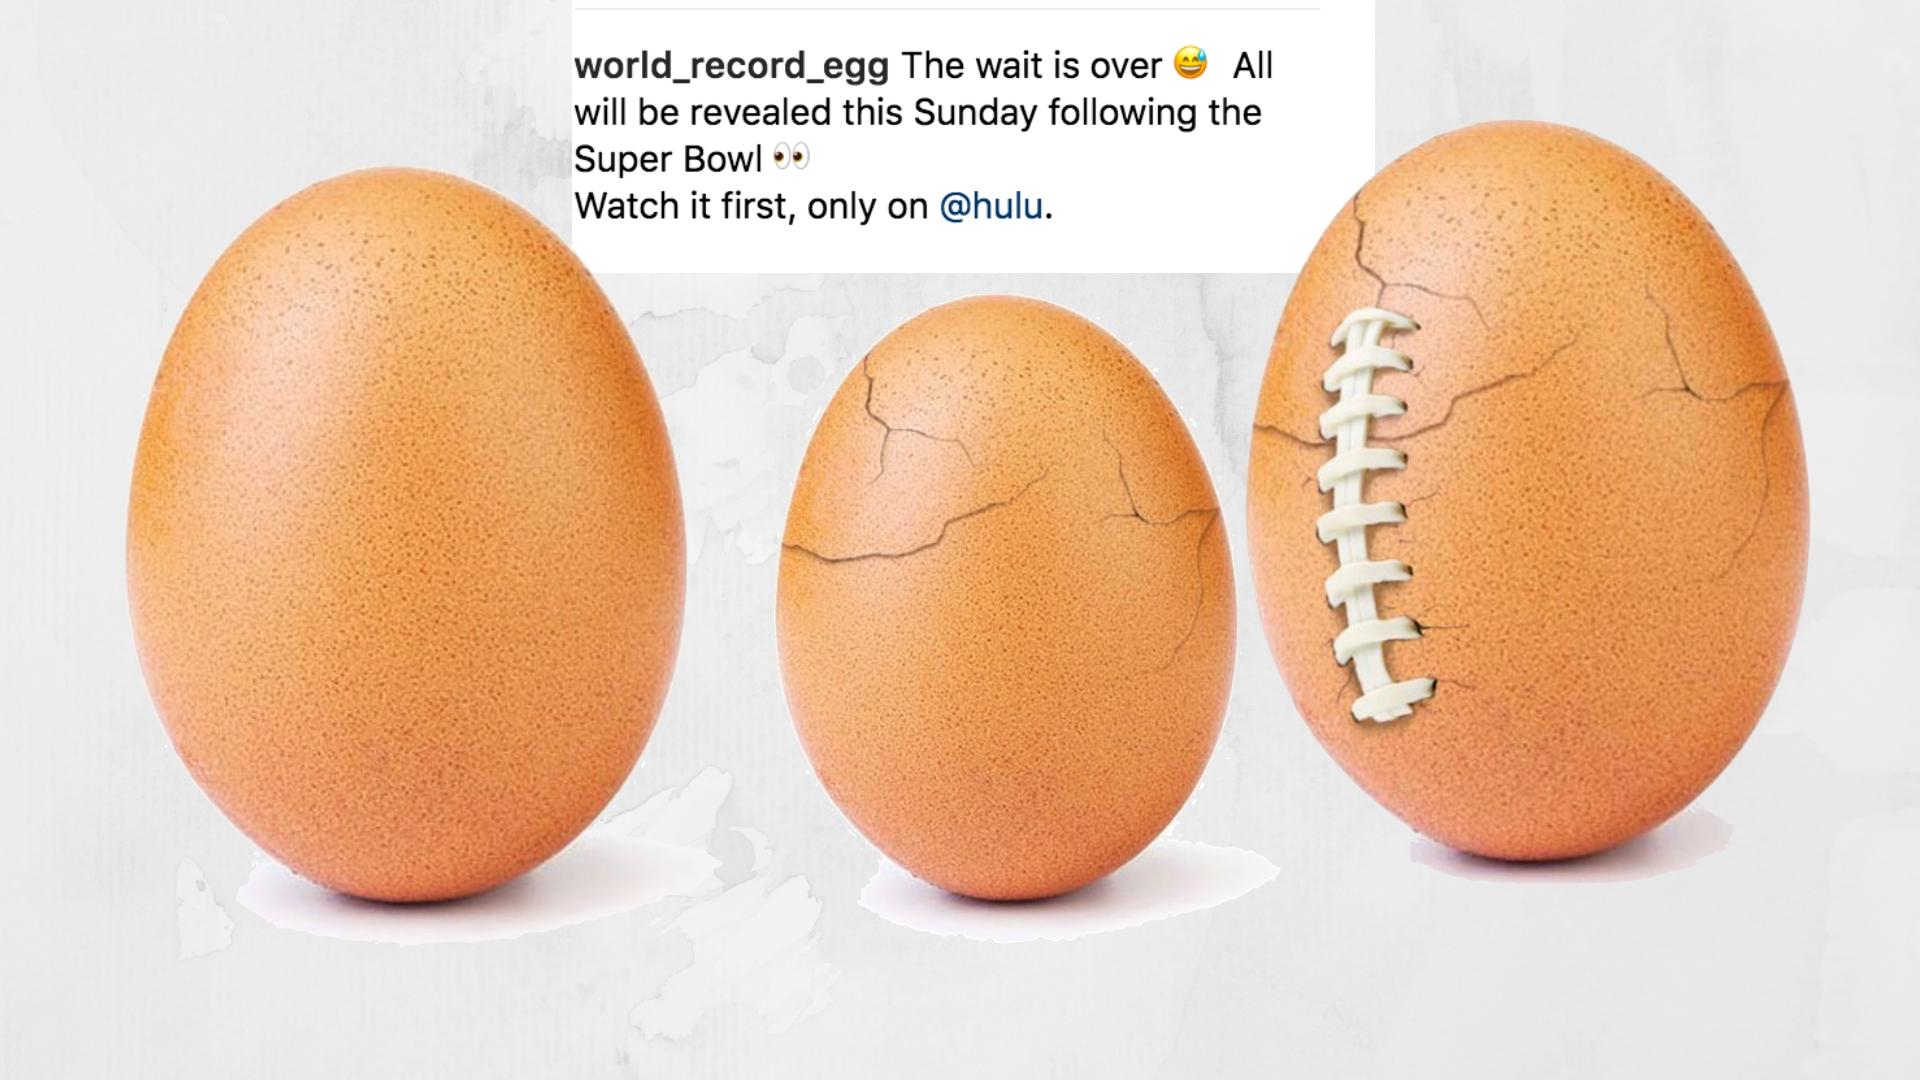 L'oeuf le plus populaire d'Instagram a brisé sa coquille